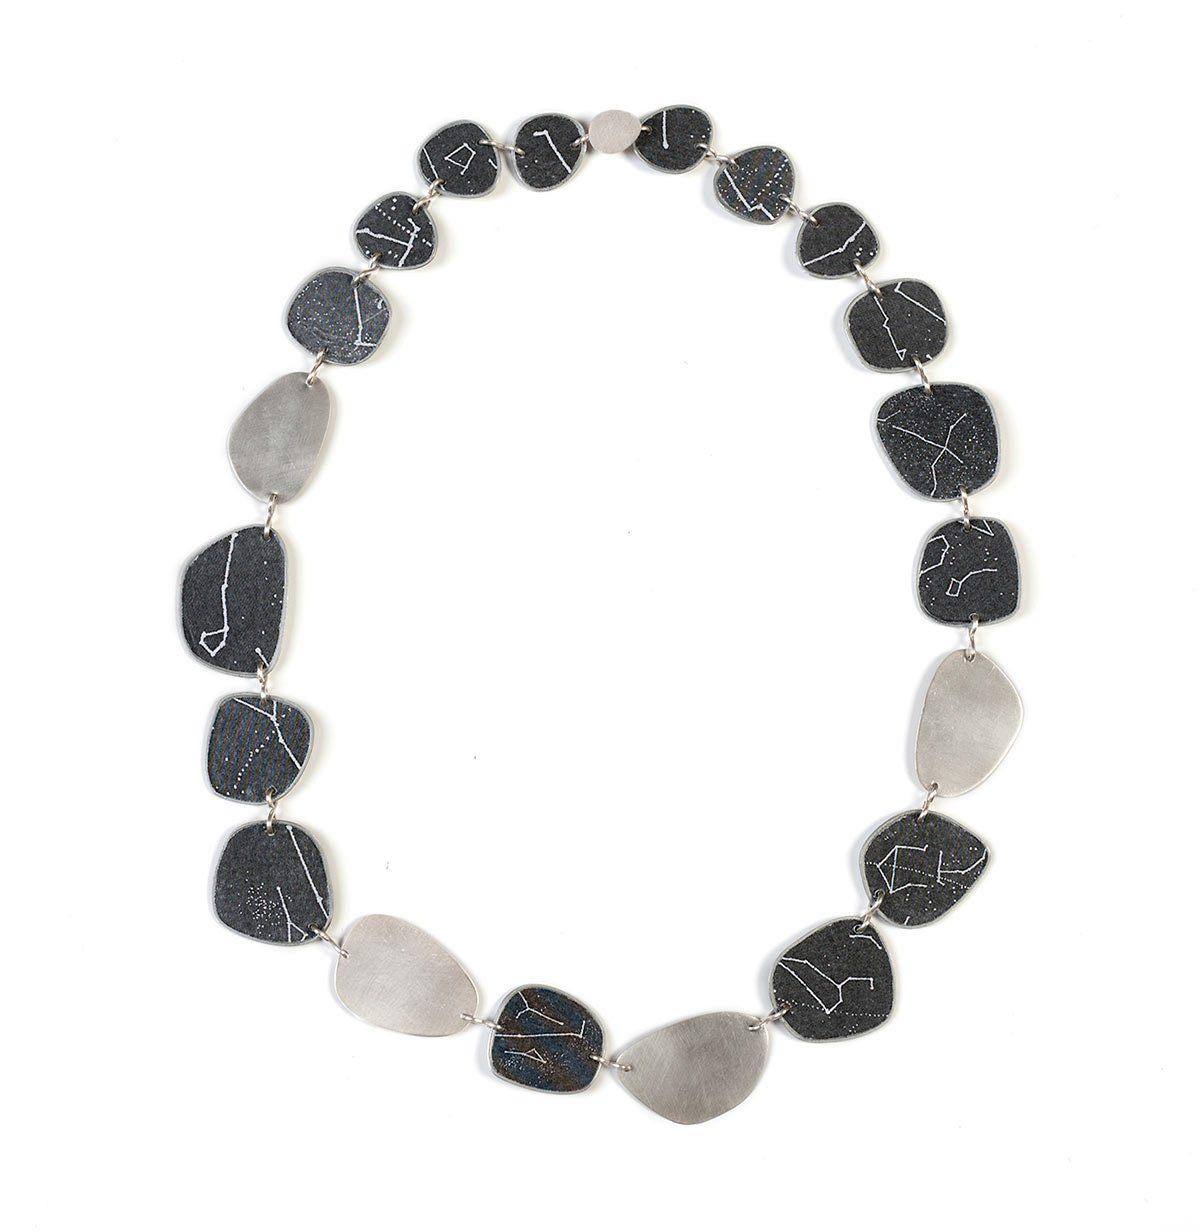 14-stefania-bandinu-girocollo-in-argento-carta-laccata-e-alluminio-collezione-galattica